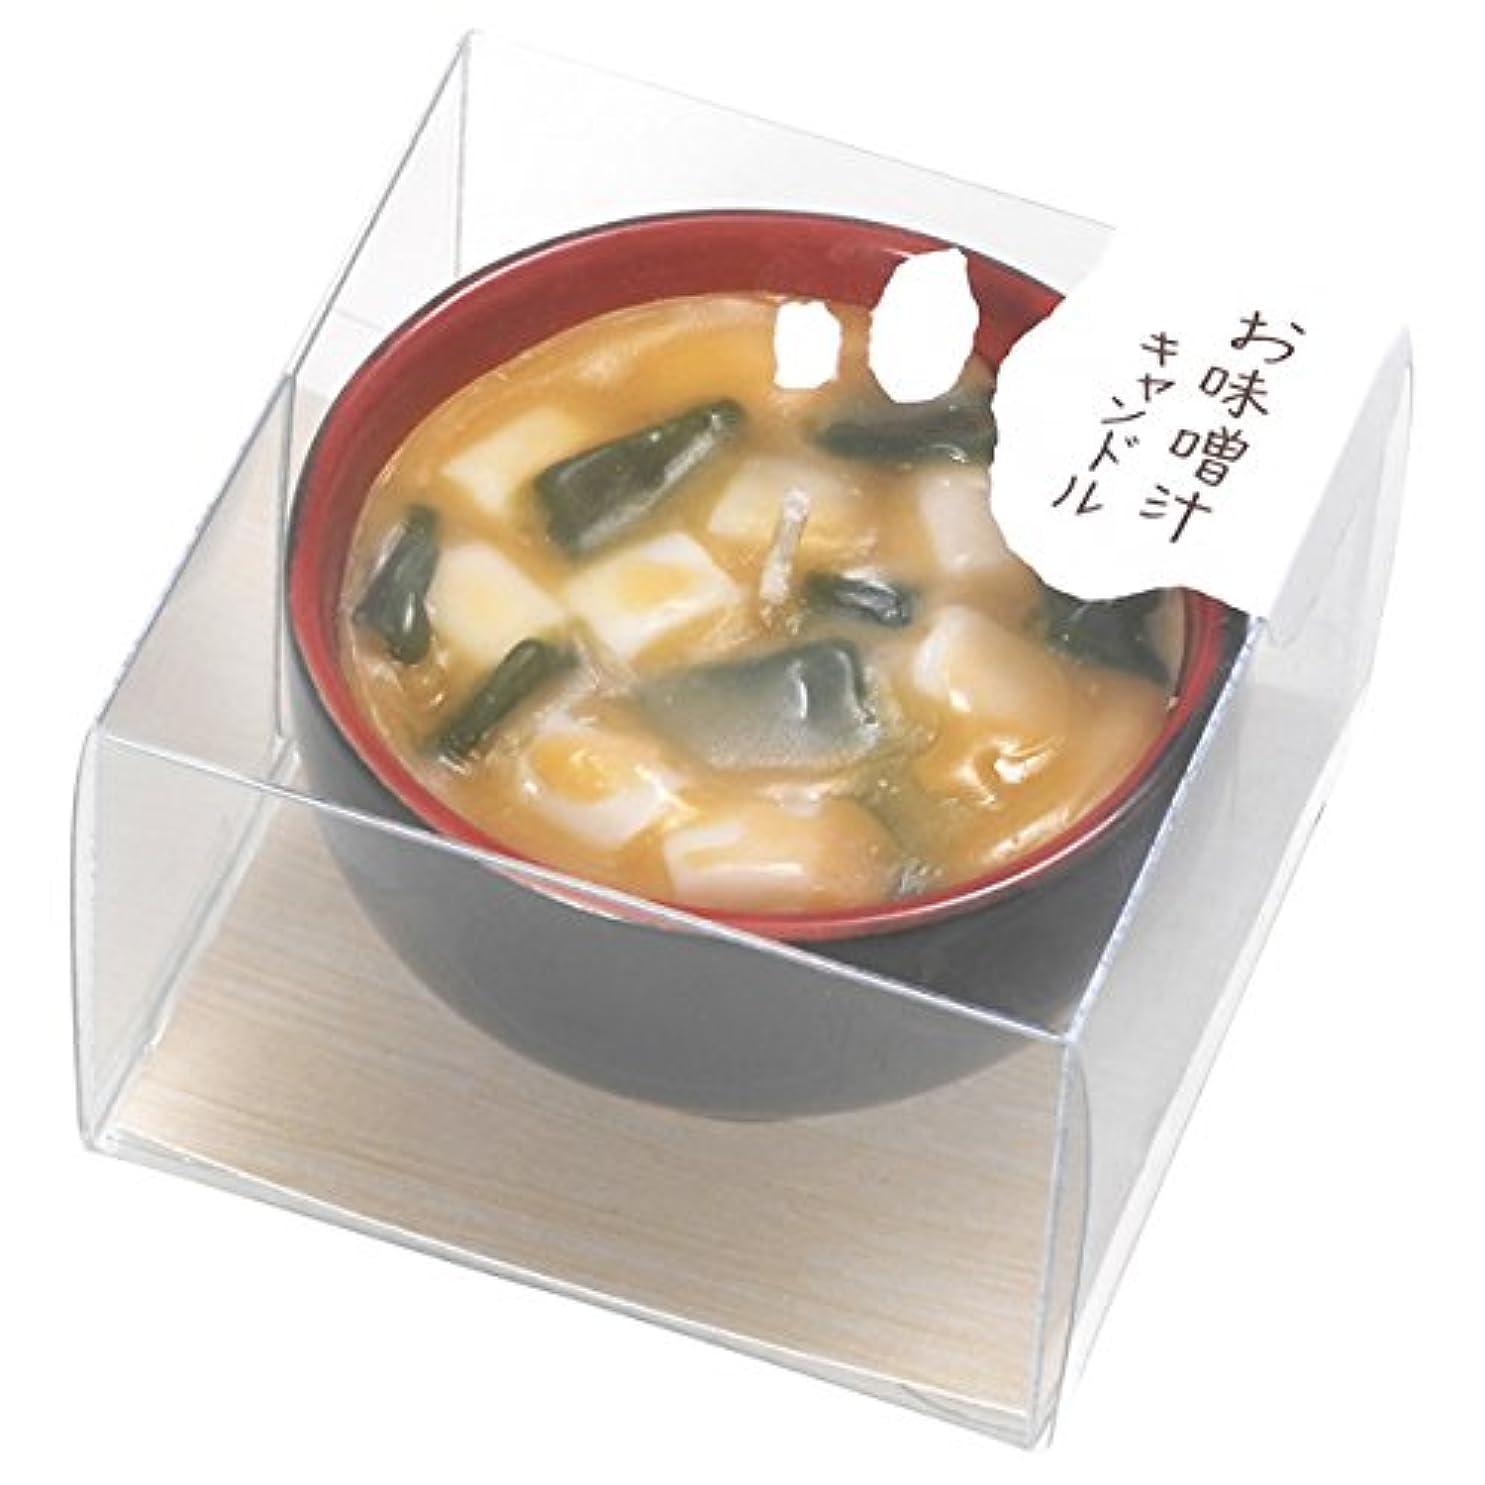 名誉複合進化お味噌汁キャンドル 86950000